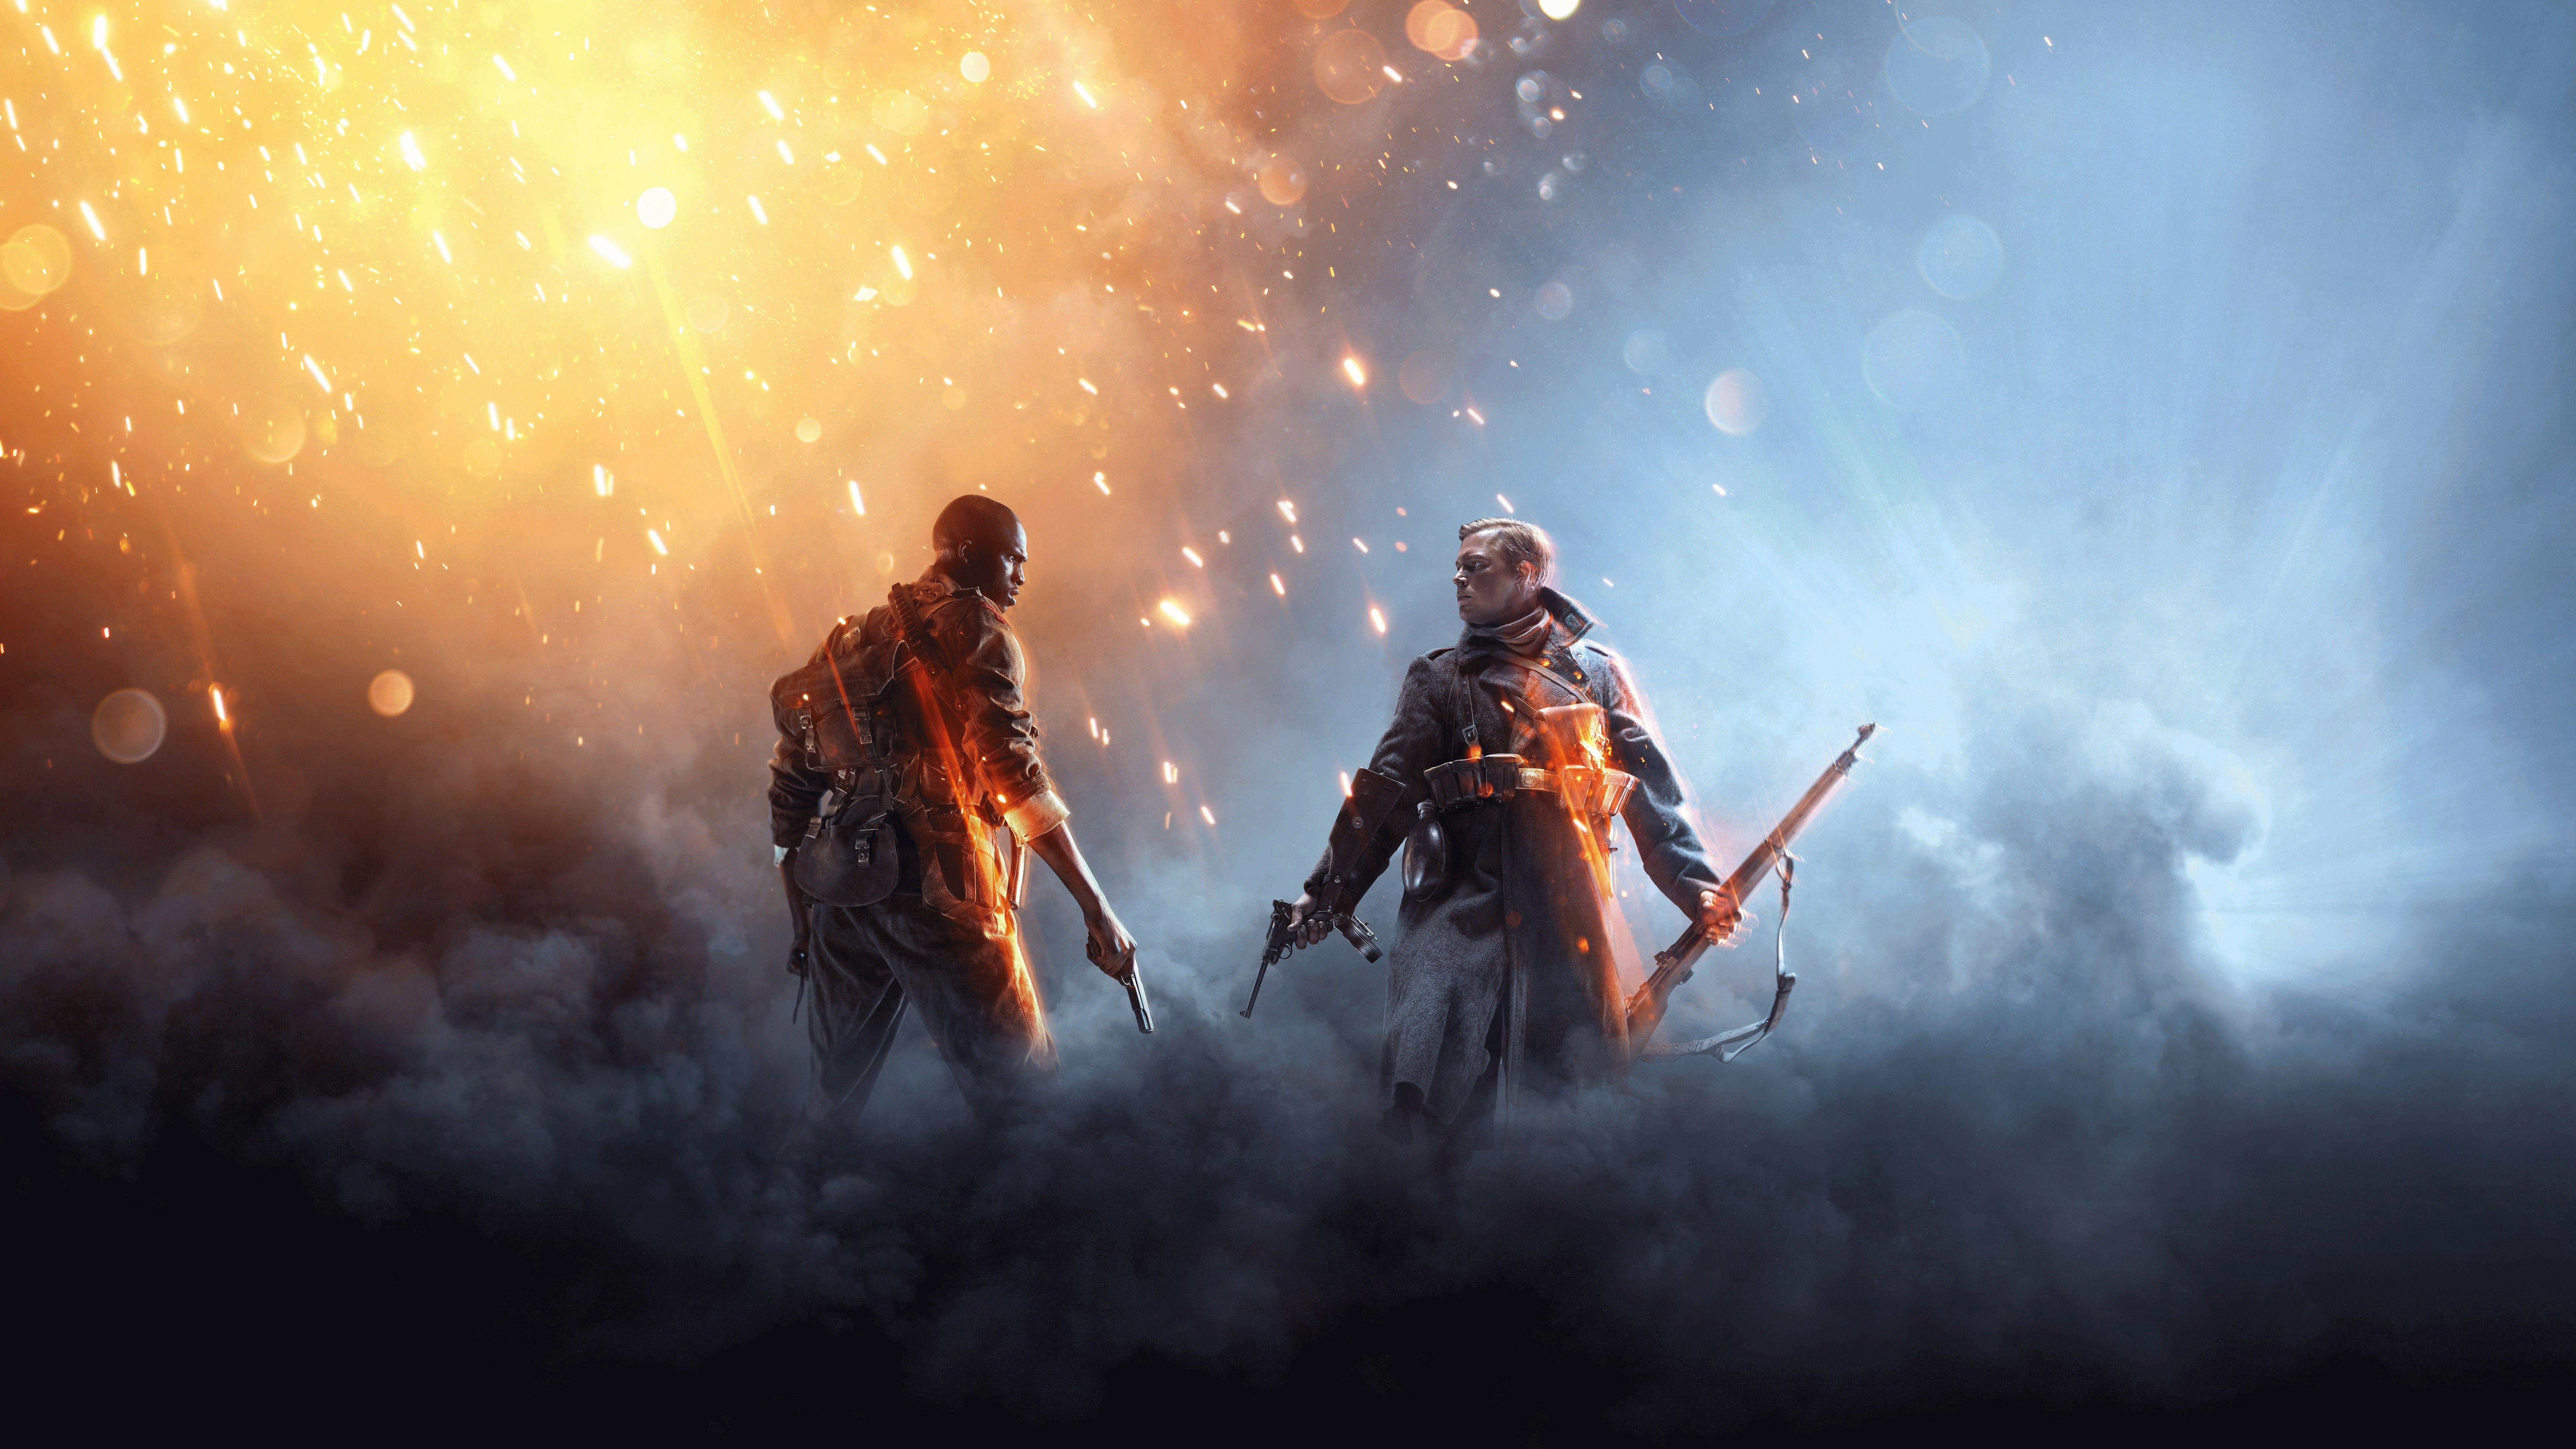 Bettlefeild 1 In 8k In 2019 Battlefield 1 Battlefield 1